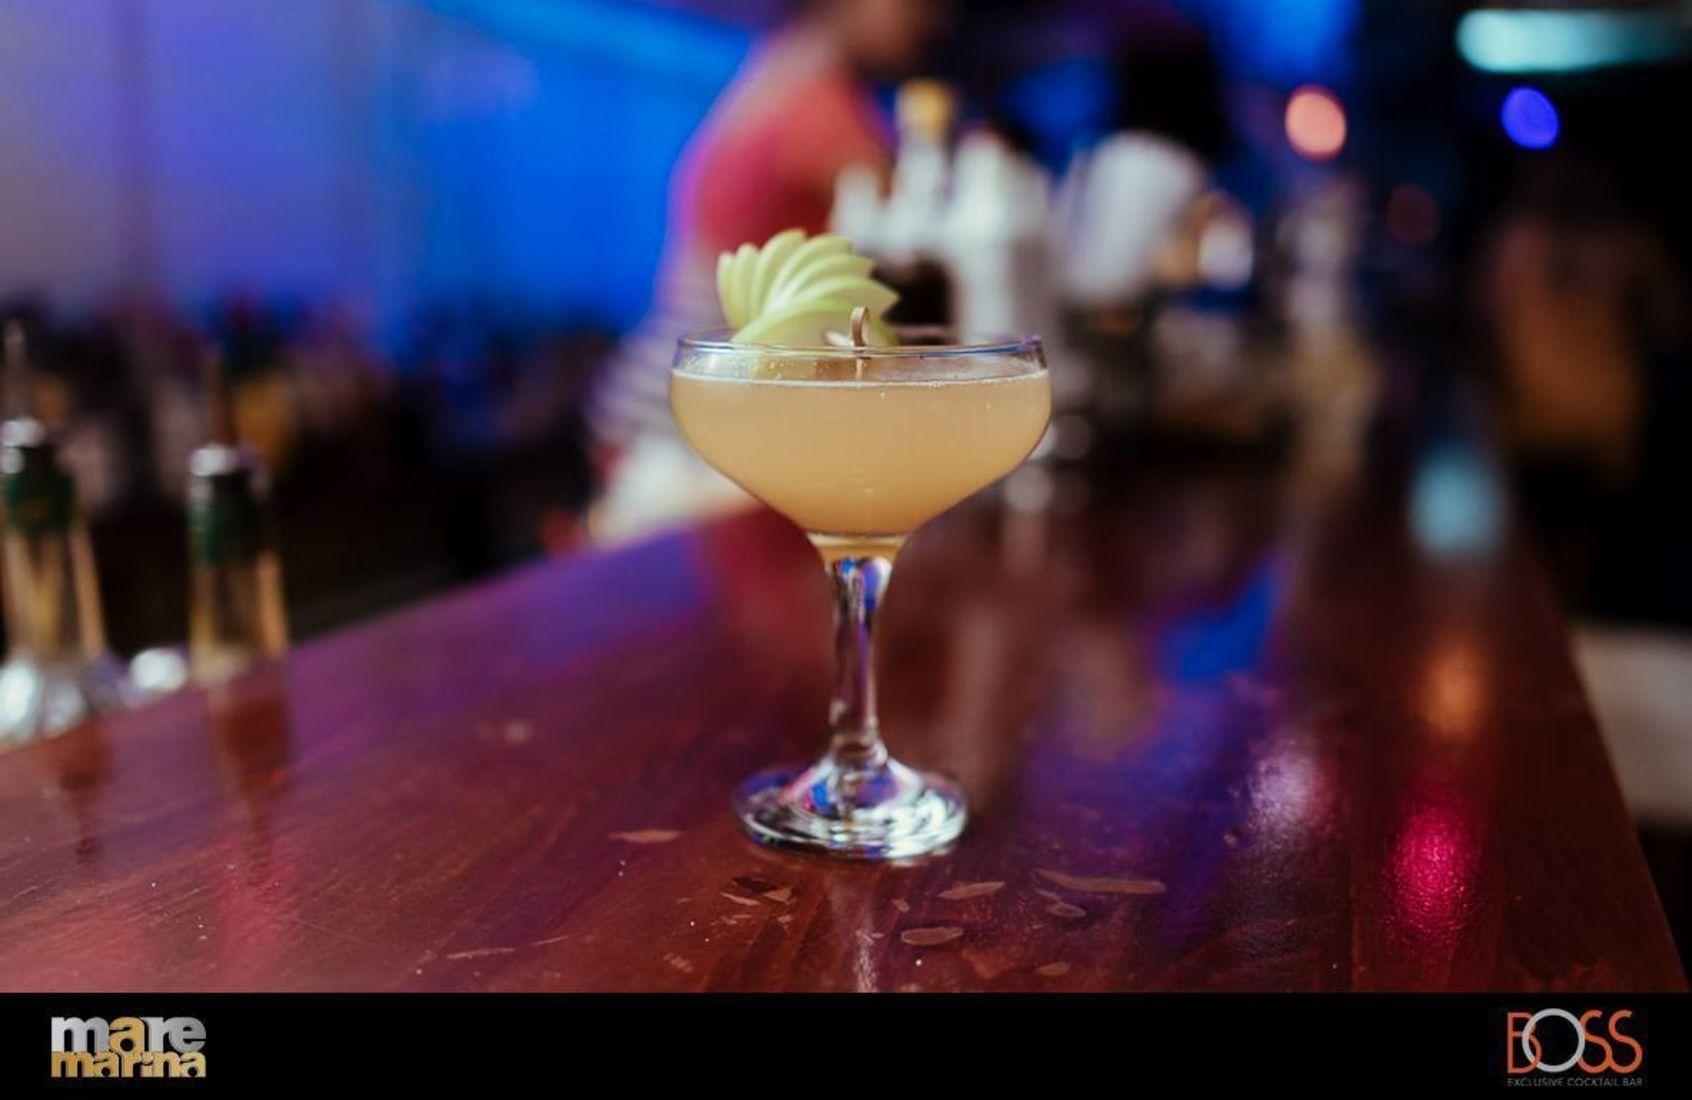 Relaxing after a long day!  Boss Exclusive Bar Mαρίνα Φλοίβου Κτίριο 6-Παλαιό Φάληρο info@maremarina.gr www.maremarina.gr #MarinaFloisvou #Taste #food#Taste#Mood#bonappetit# #Cafe | #Cocktails | #Pamebossexclusivecooctailbar